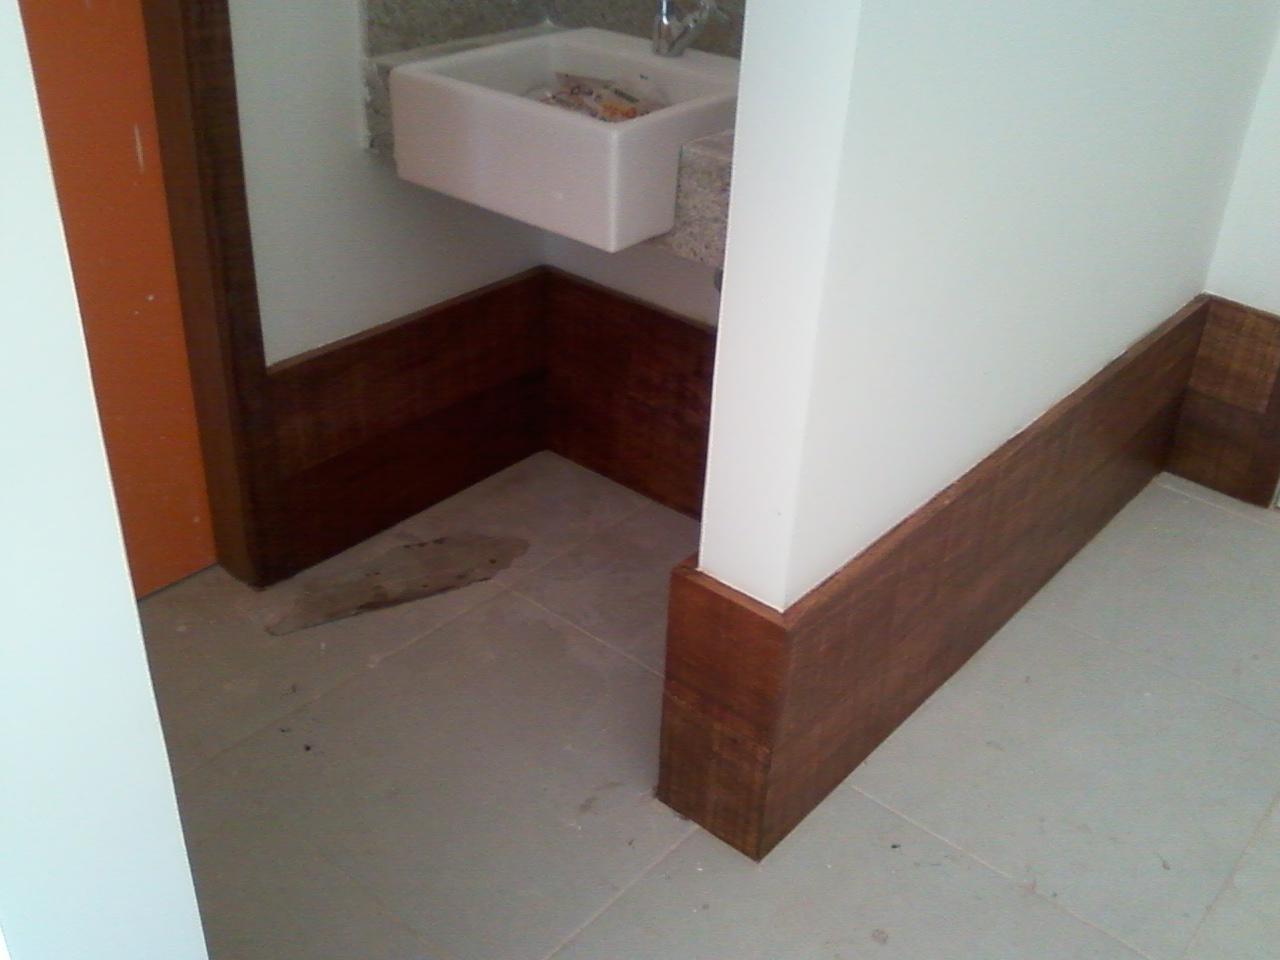 Marcenaria: Painél em madeira rodapé e mesa. #372018 1280x960